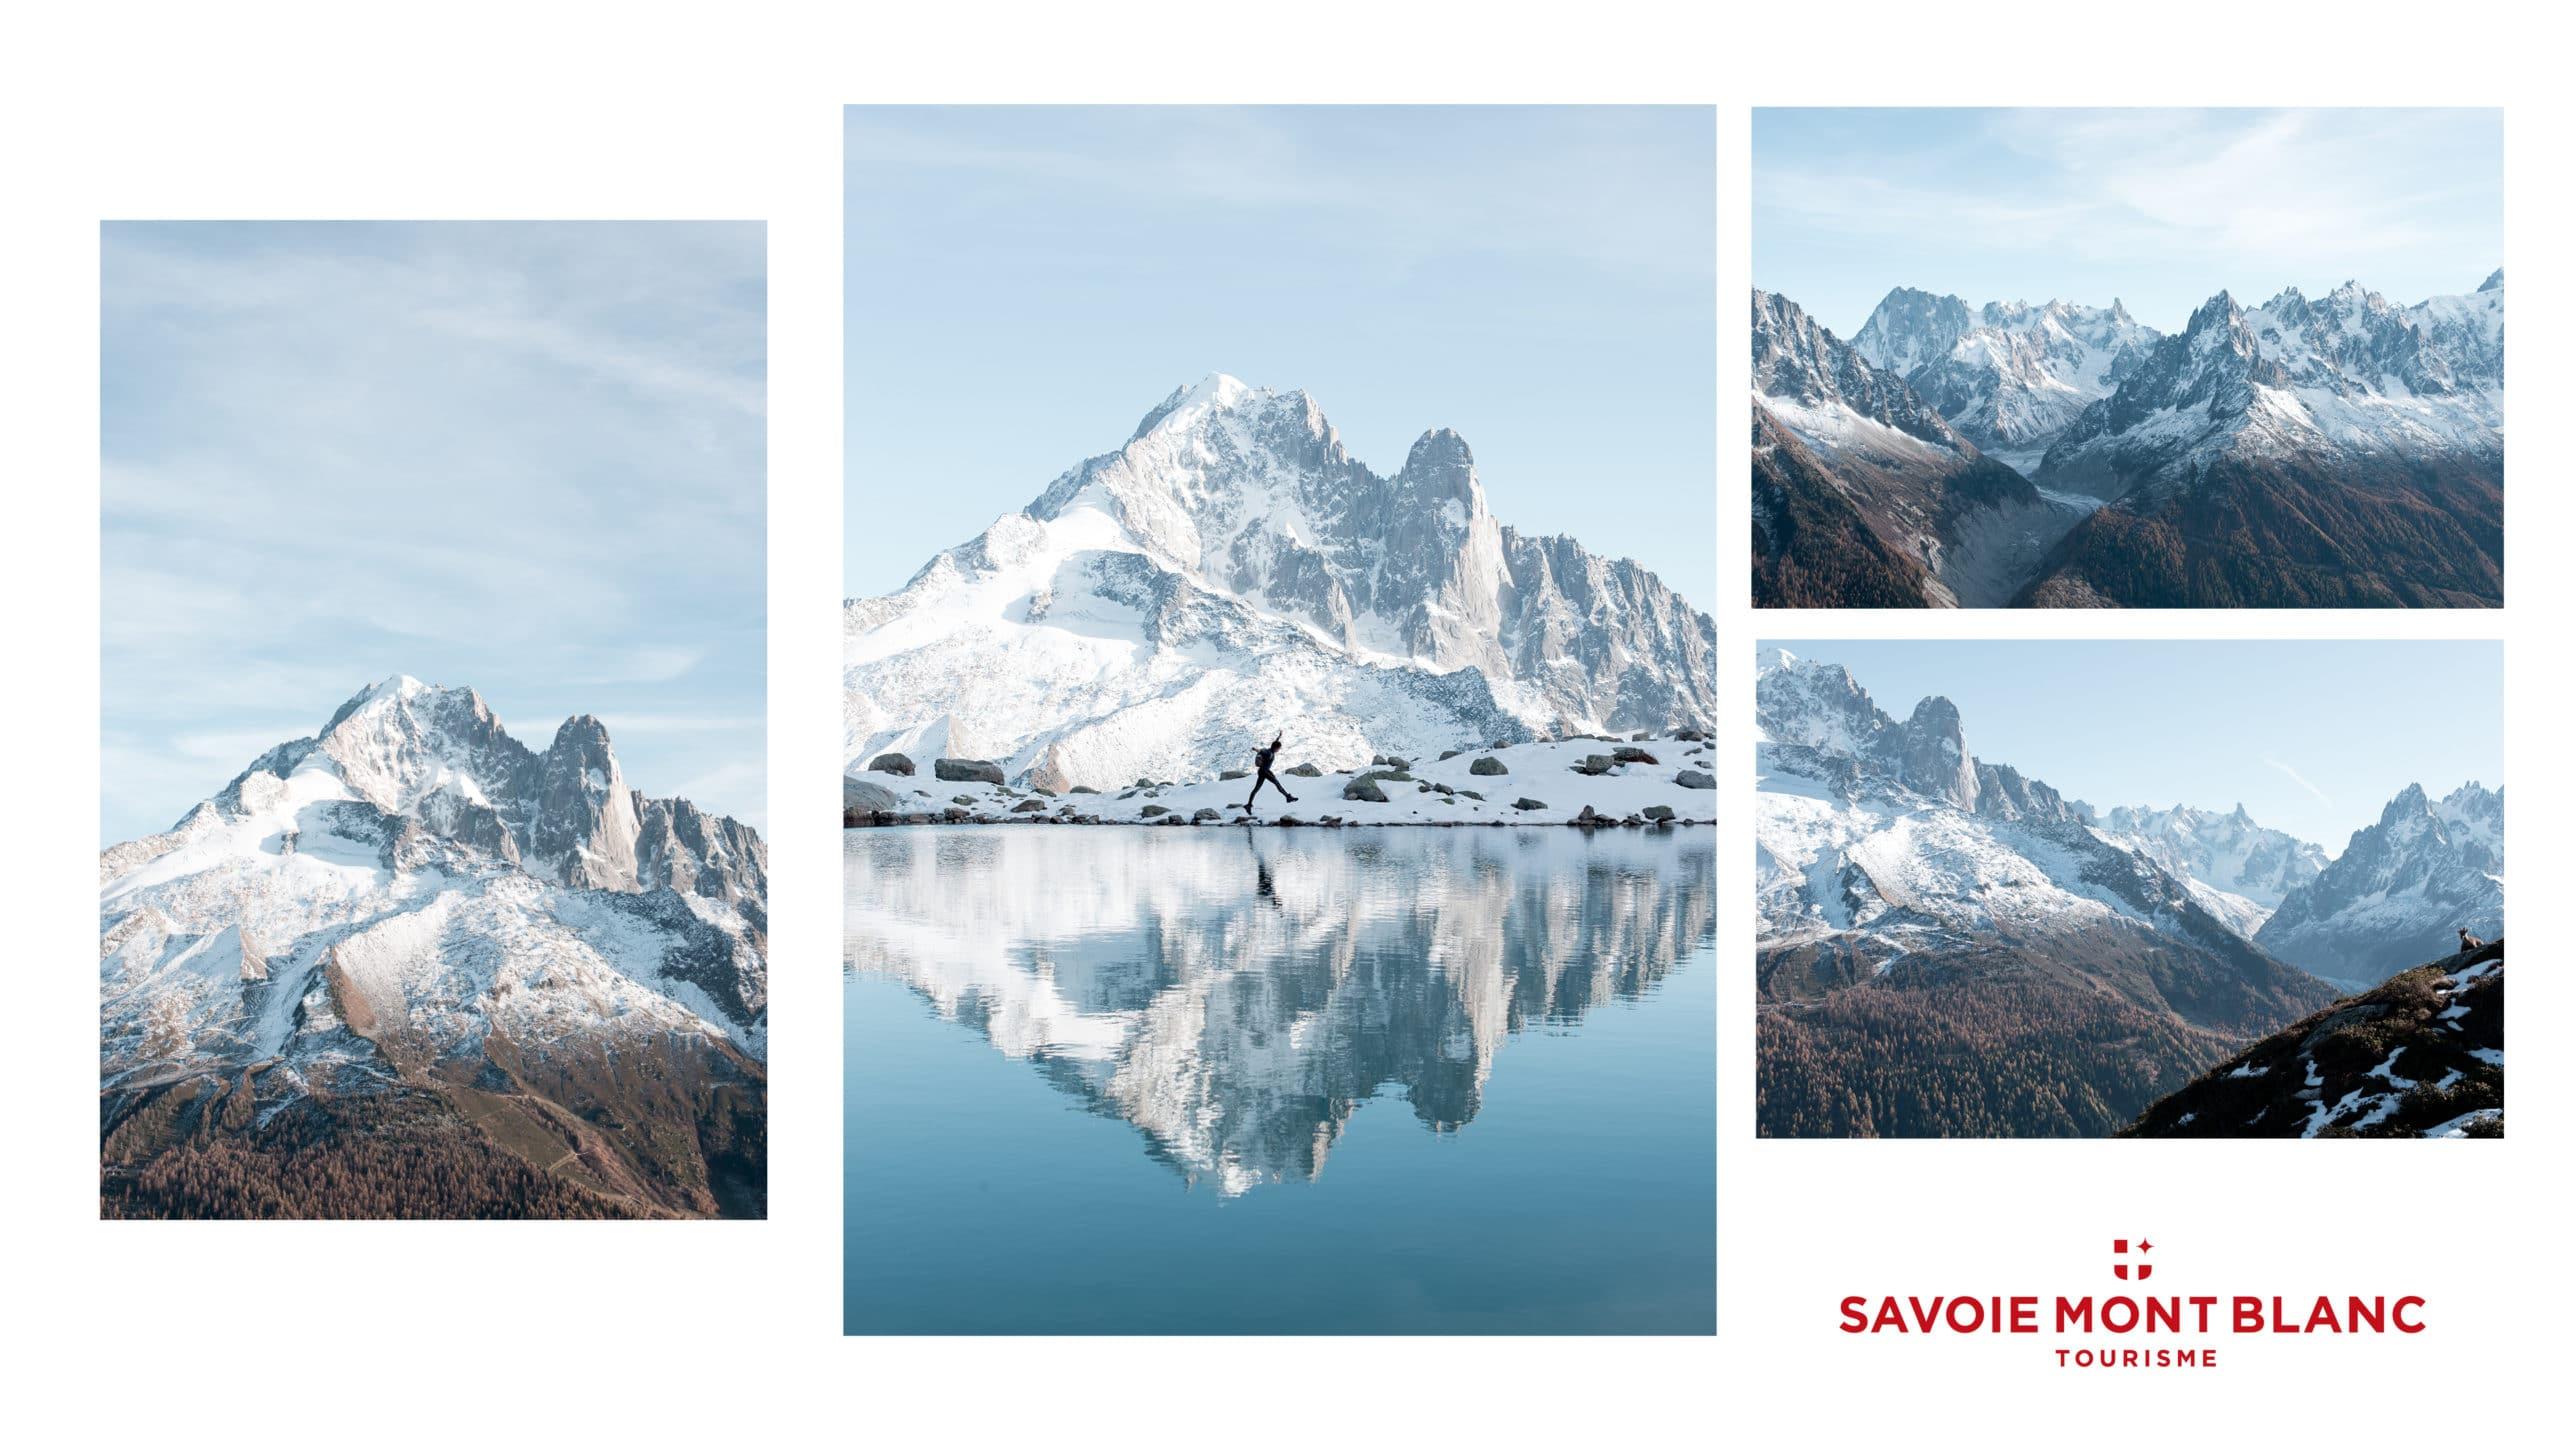 photographie tourisme voyage